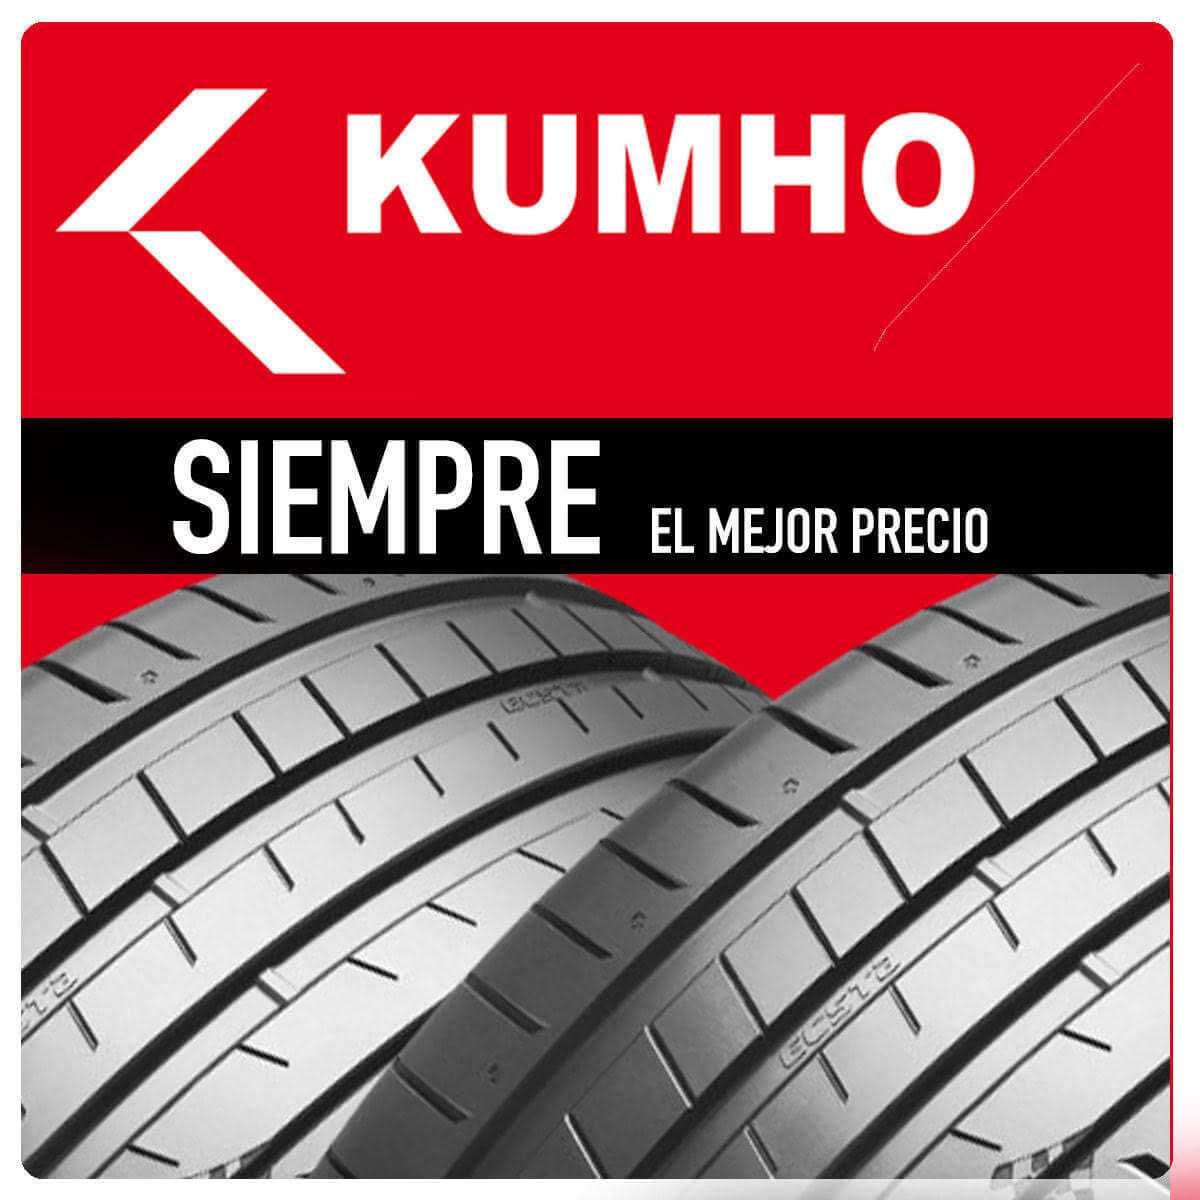 Comprar Kumho en Madrid